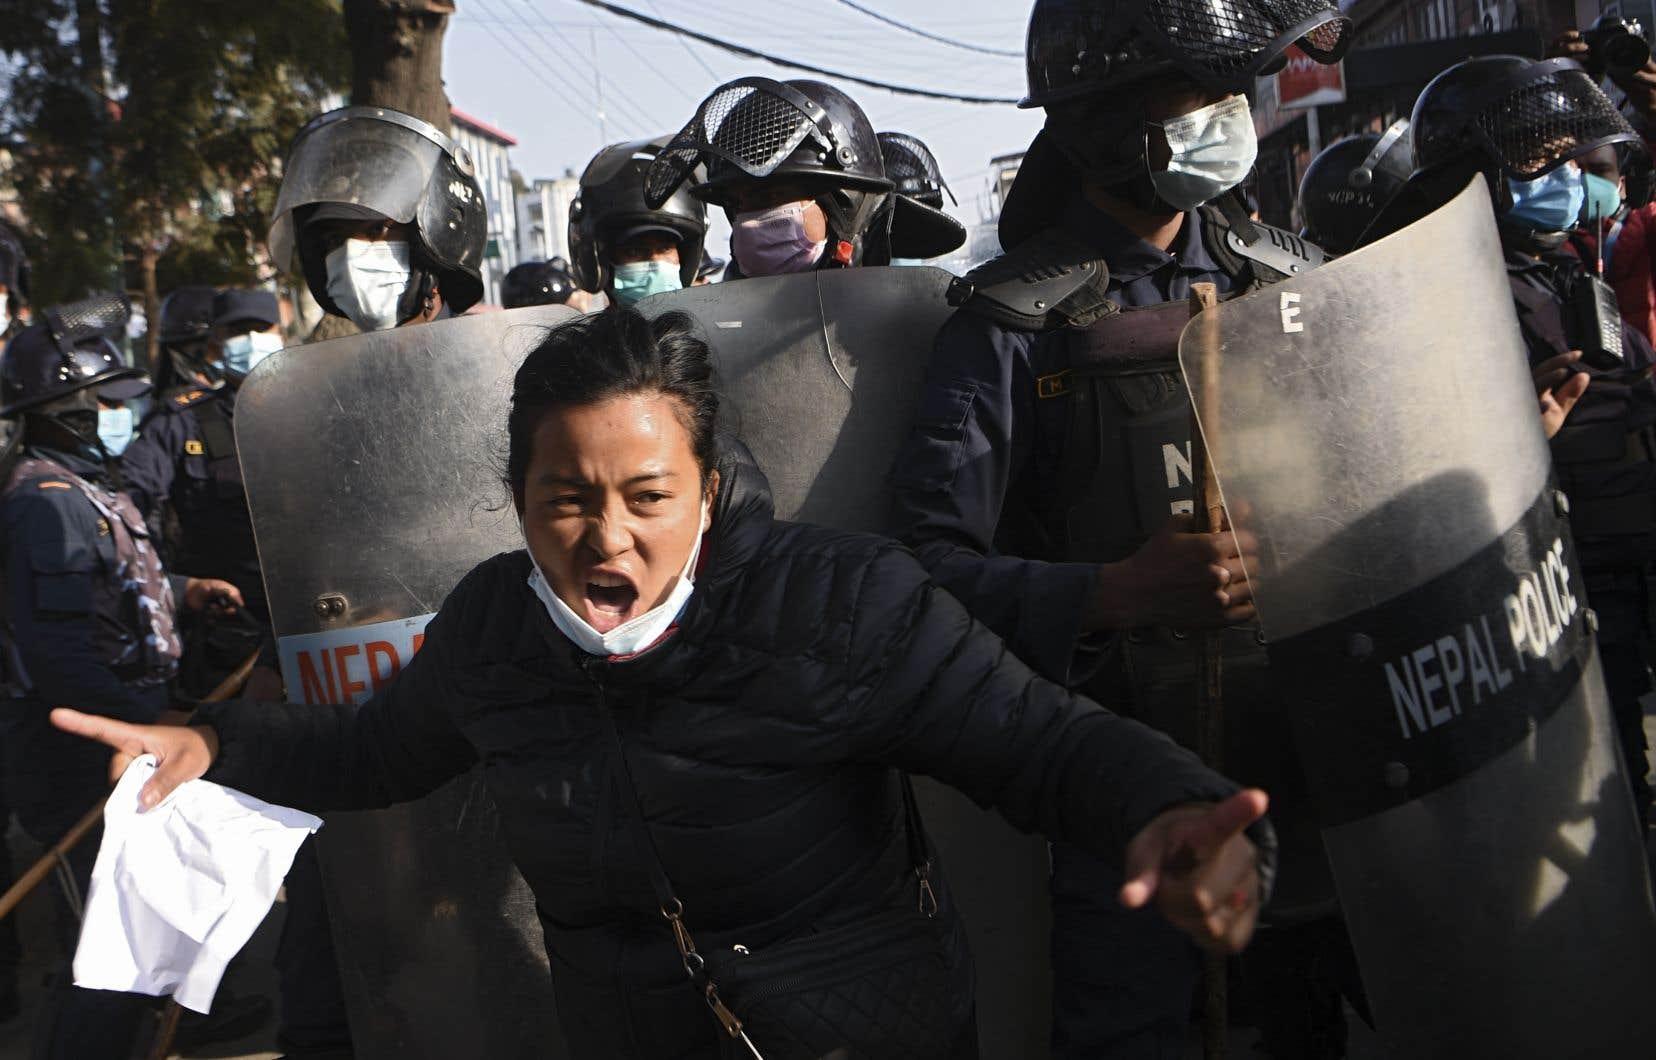 Des personnes sont descendues dans les rues de la capitale népalaise, Katmandou, pour manifester contre la décision de dissoudre le Parlement.